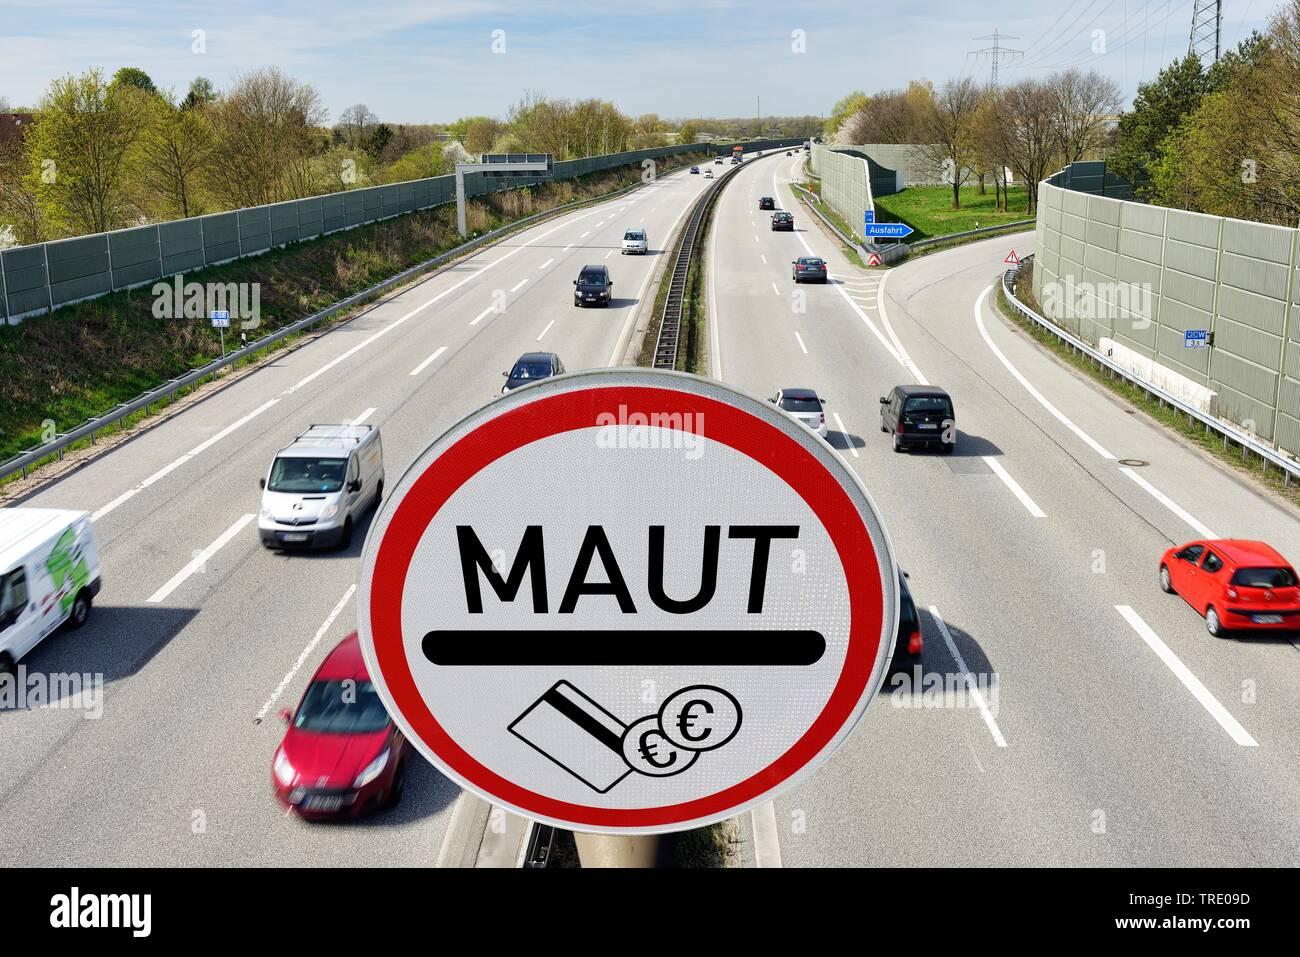 Autobahn mit Verbotsschild PKW-MAUT im Vordergrund, Deutschland | Highway with prohibition sign PKW MAUT (road toll) in the foreground, Germany | BLWS - Stock Image